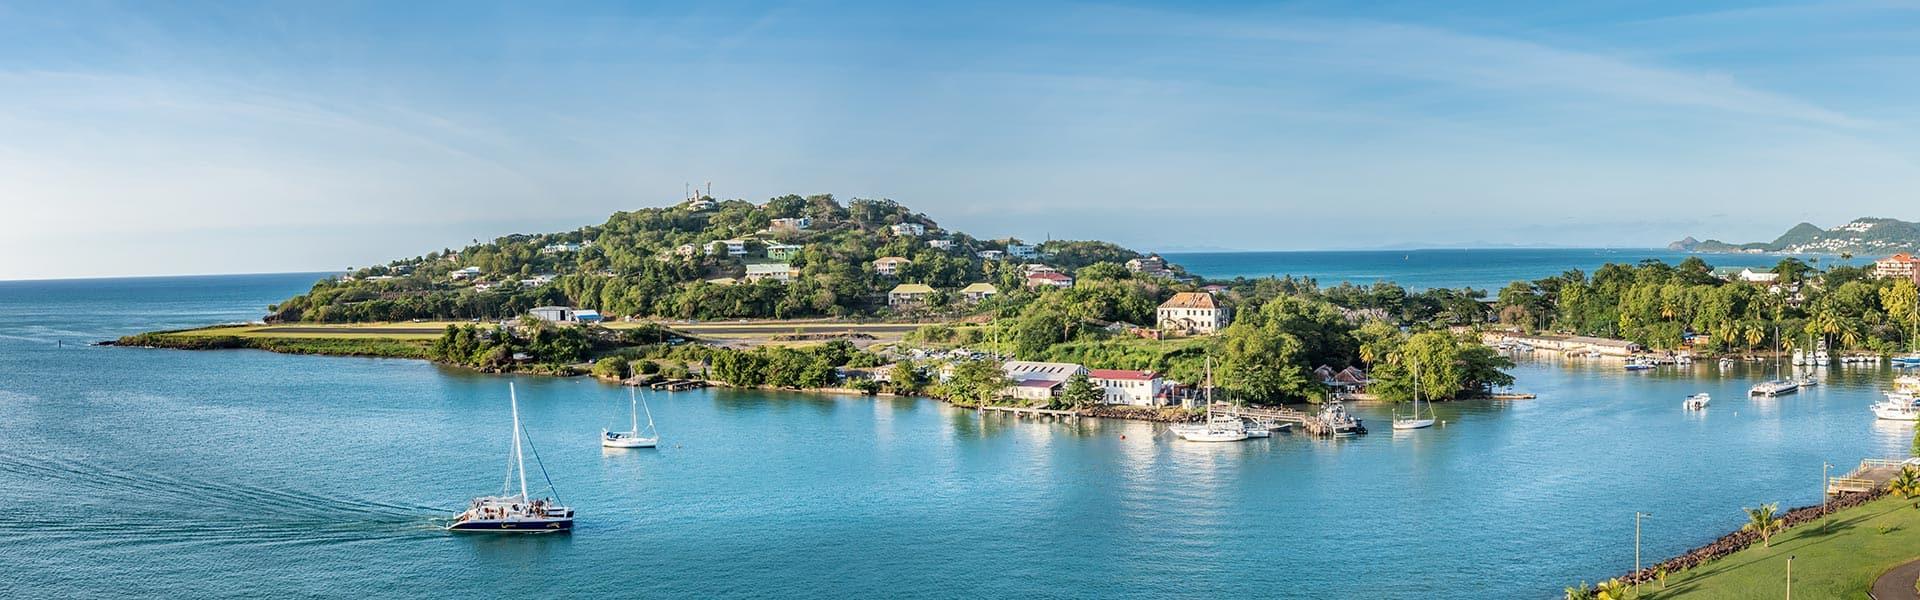 ElCaribe:Curazao, Aruba y Santa Lucía